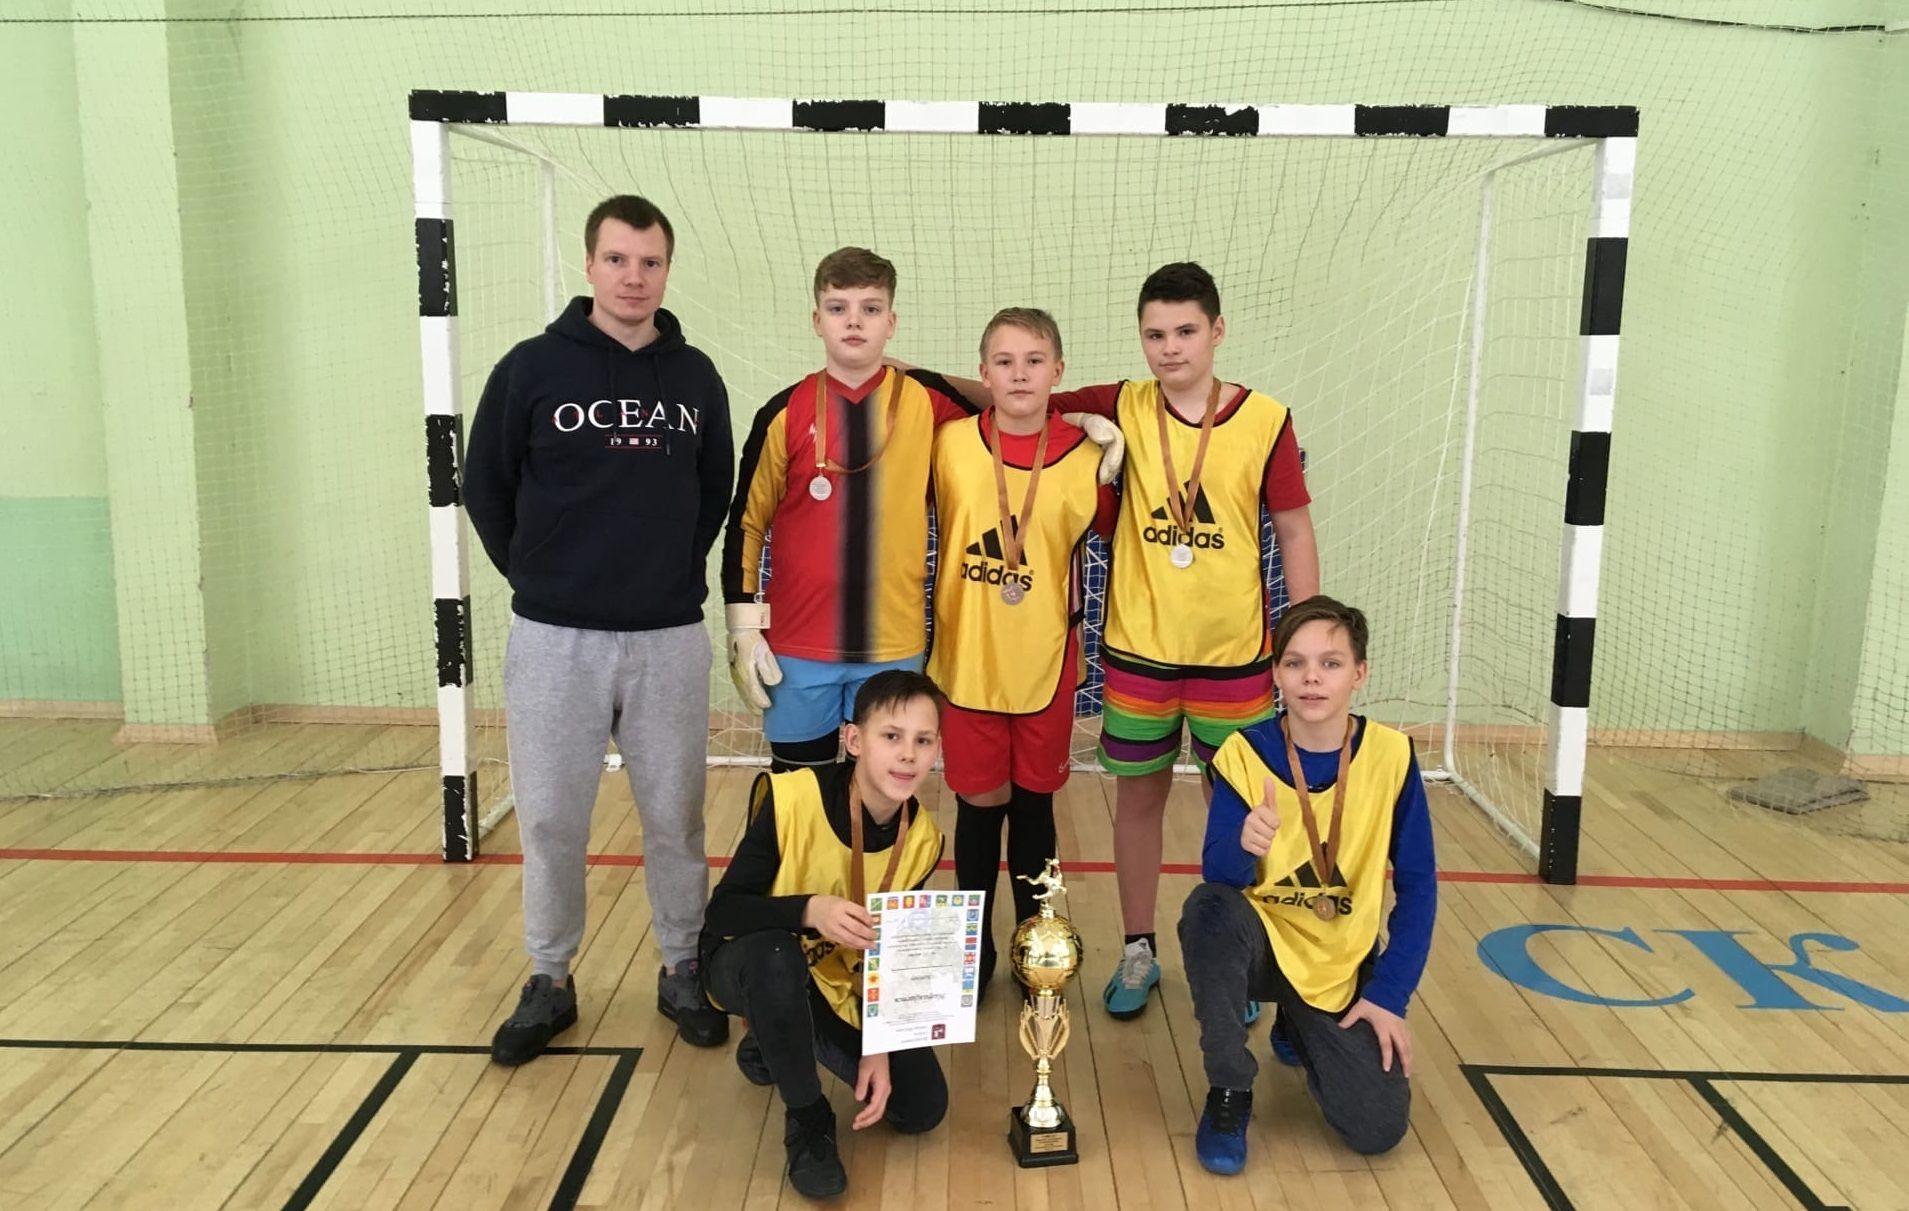 Футболисты из Марушкинского завоевали призовое место в окружных соревнованиях